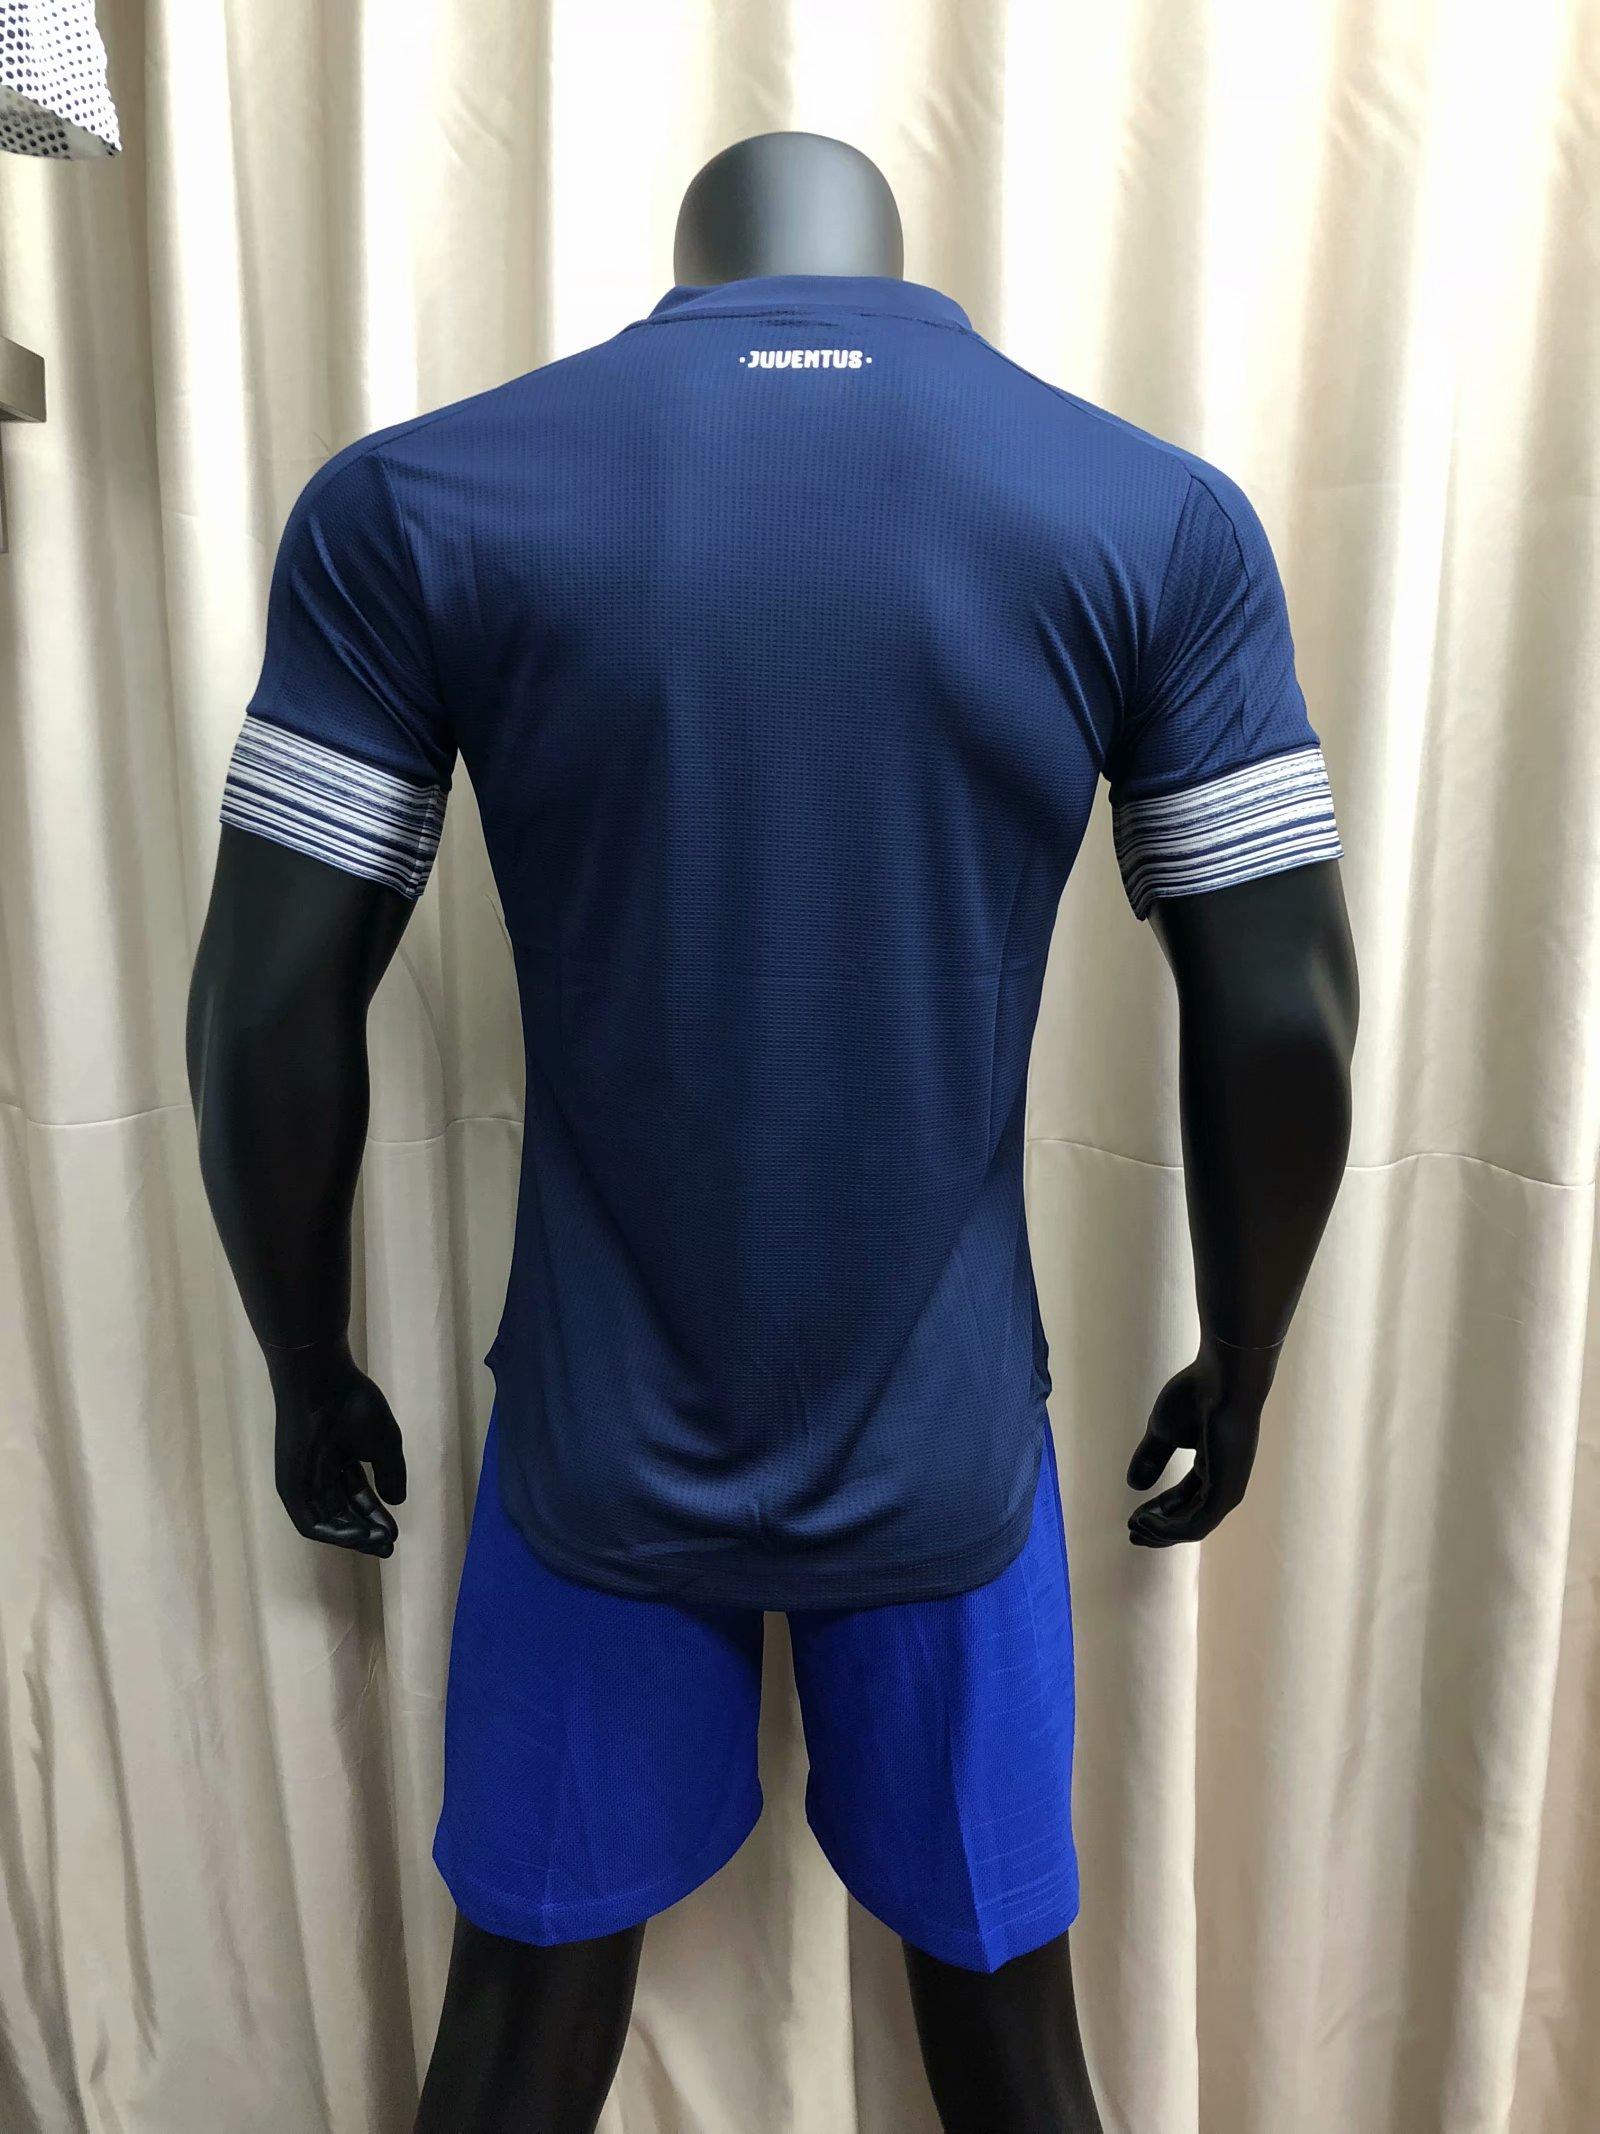 20-21-juventus-away-player-jersey-773.jpg